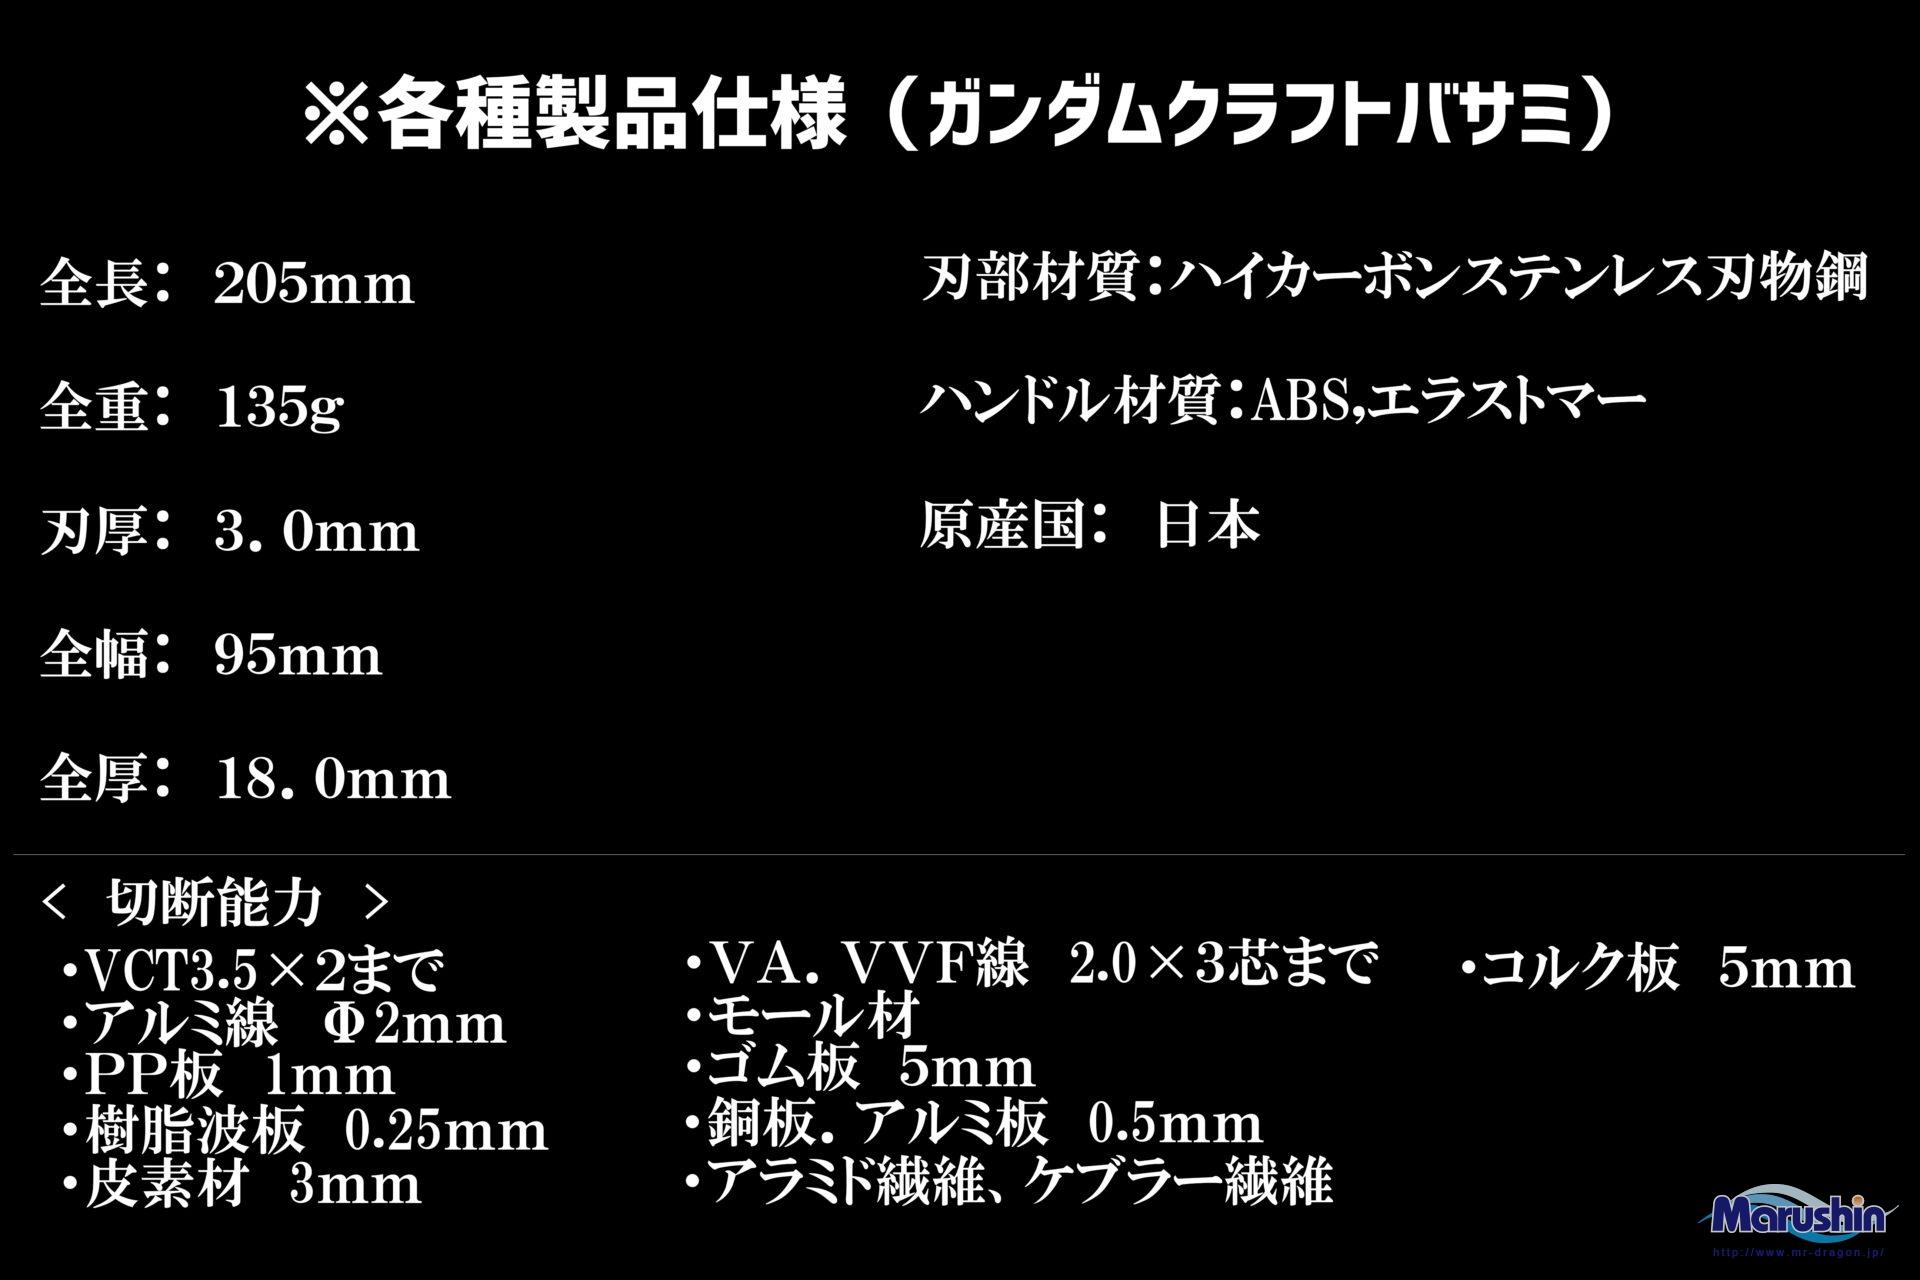 ガンダムクラフトバサミ (ジオン軍モデル、シャア・アズナブルモデル)イメージ画像